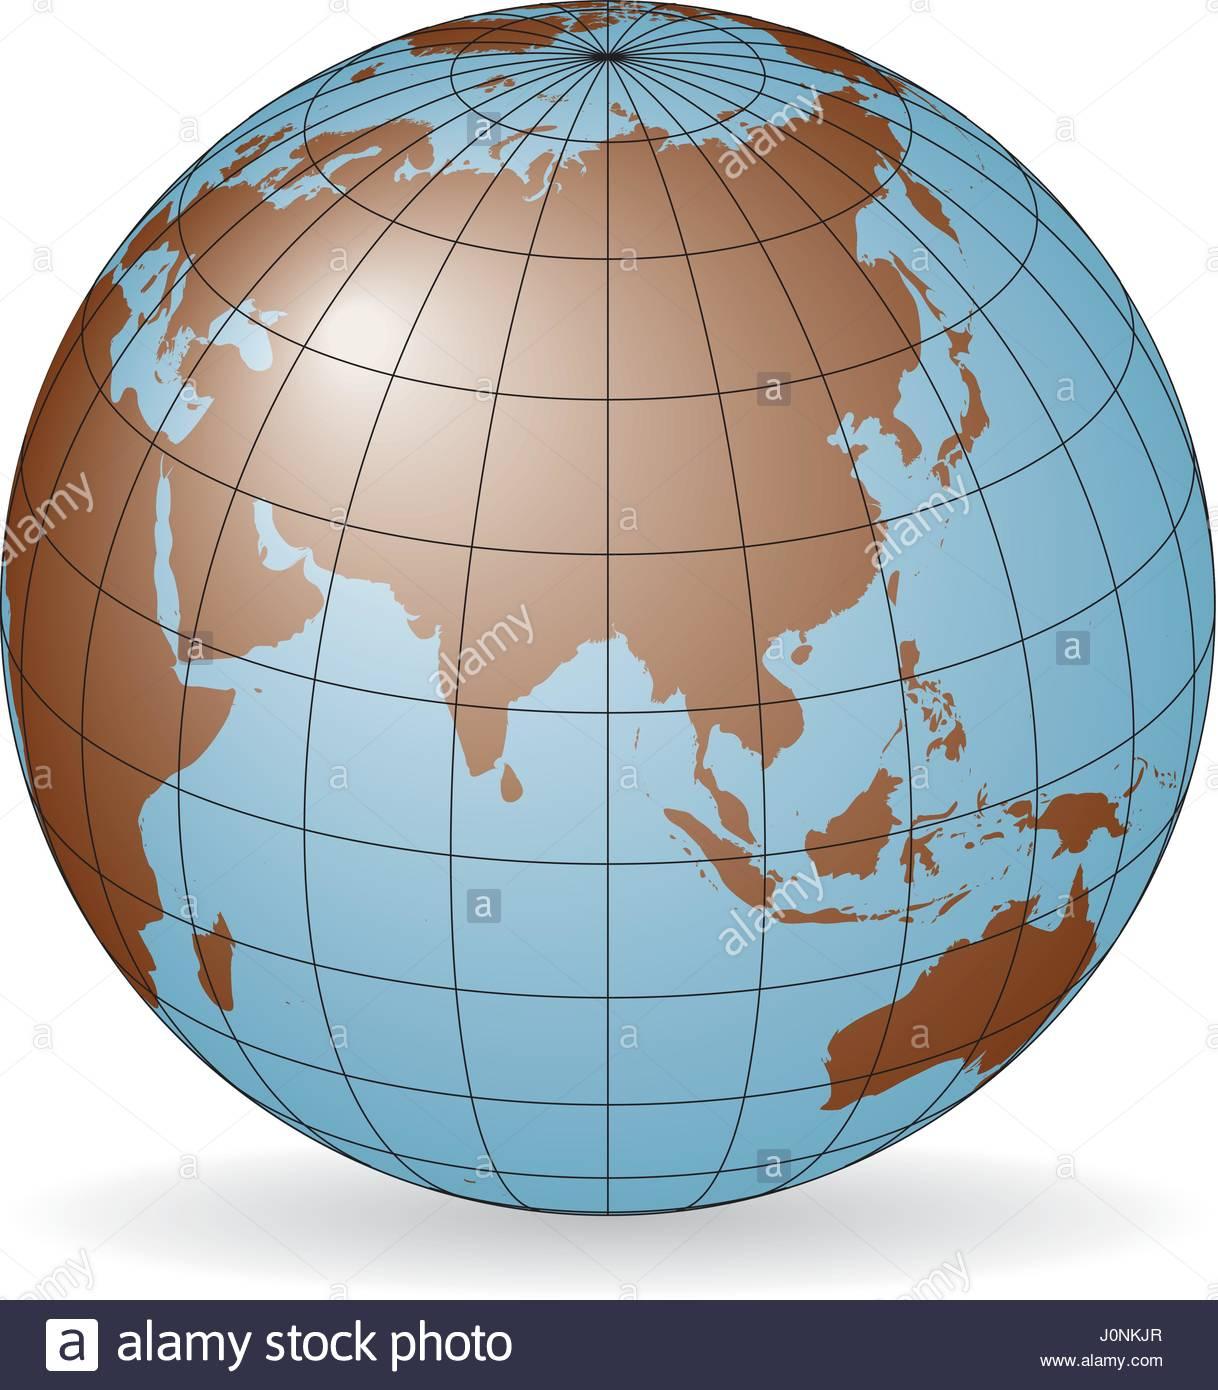 Carte Russie Australie.Carte De L Asie L Australie La Russie L Afrique Pole